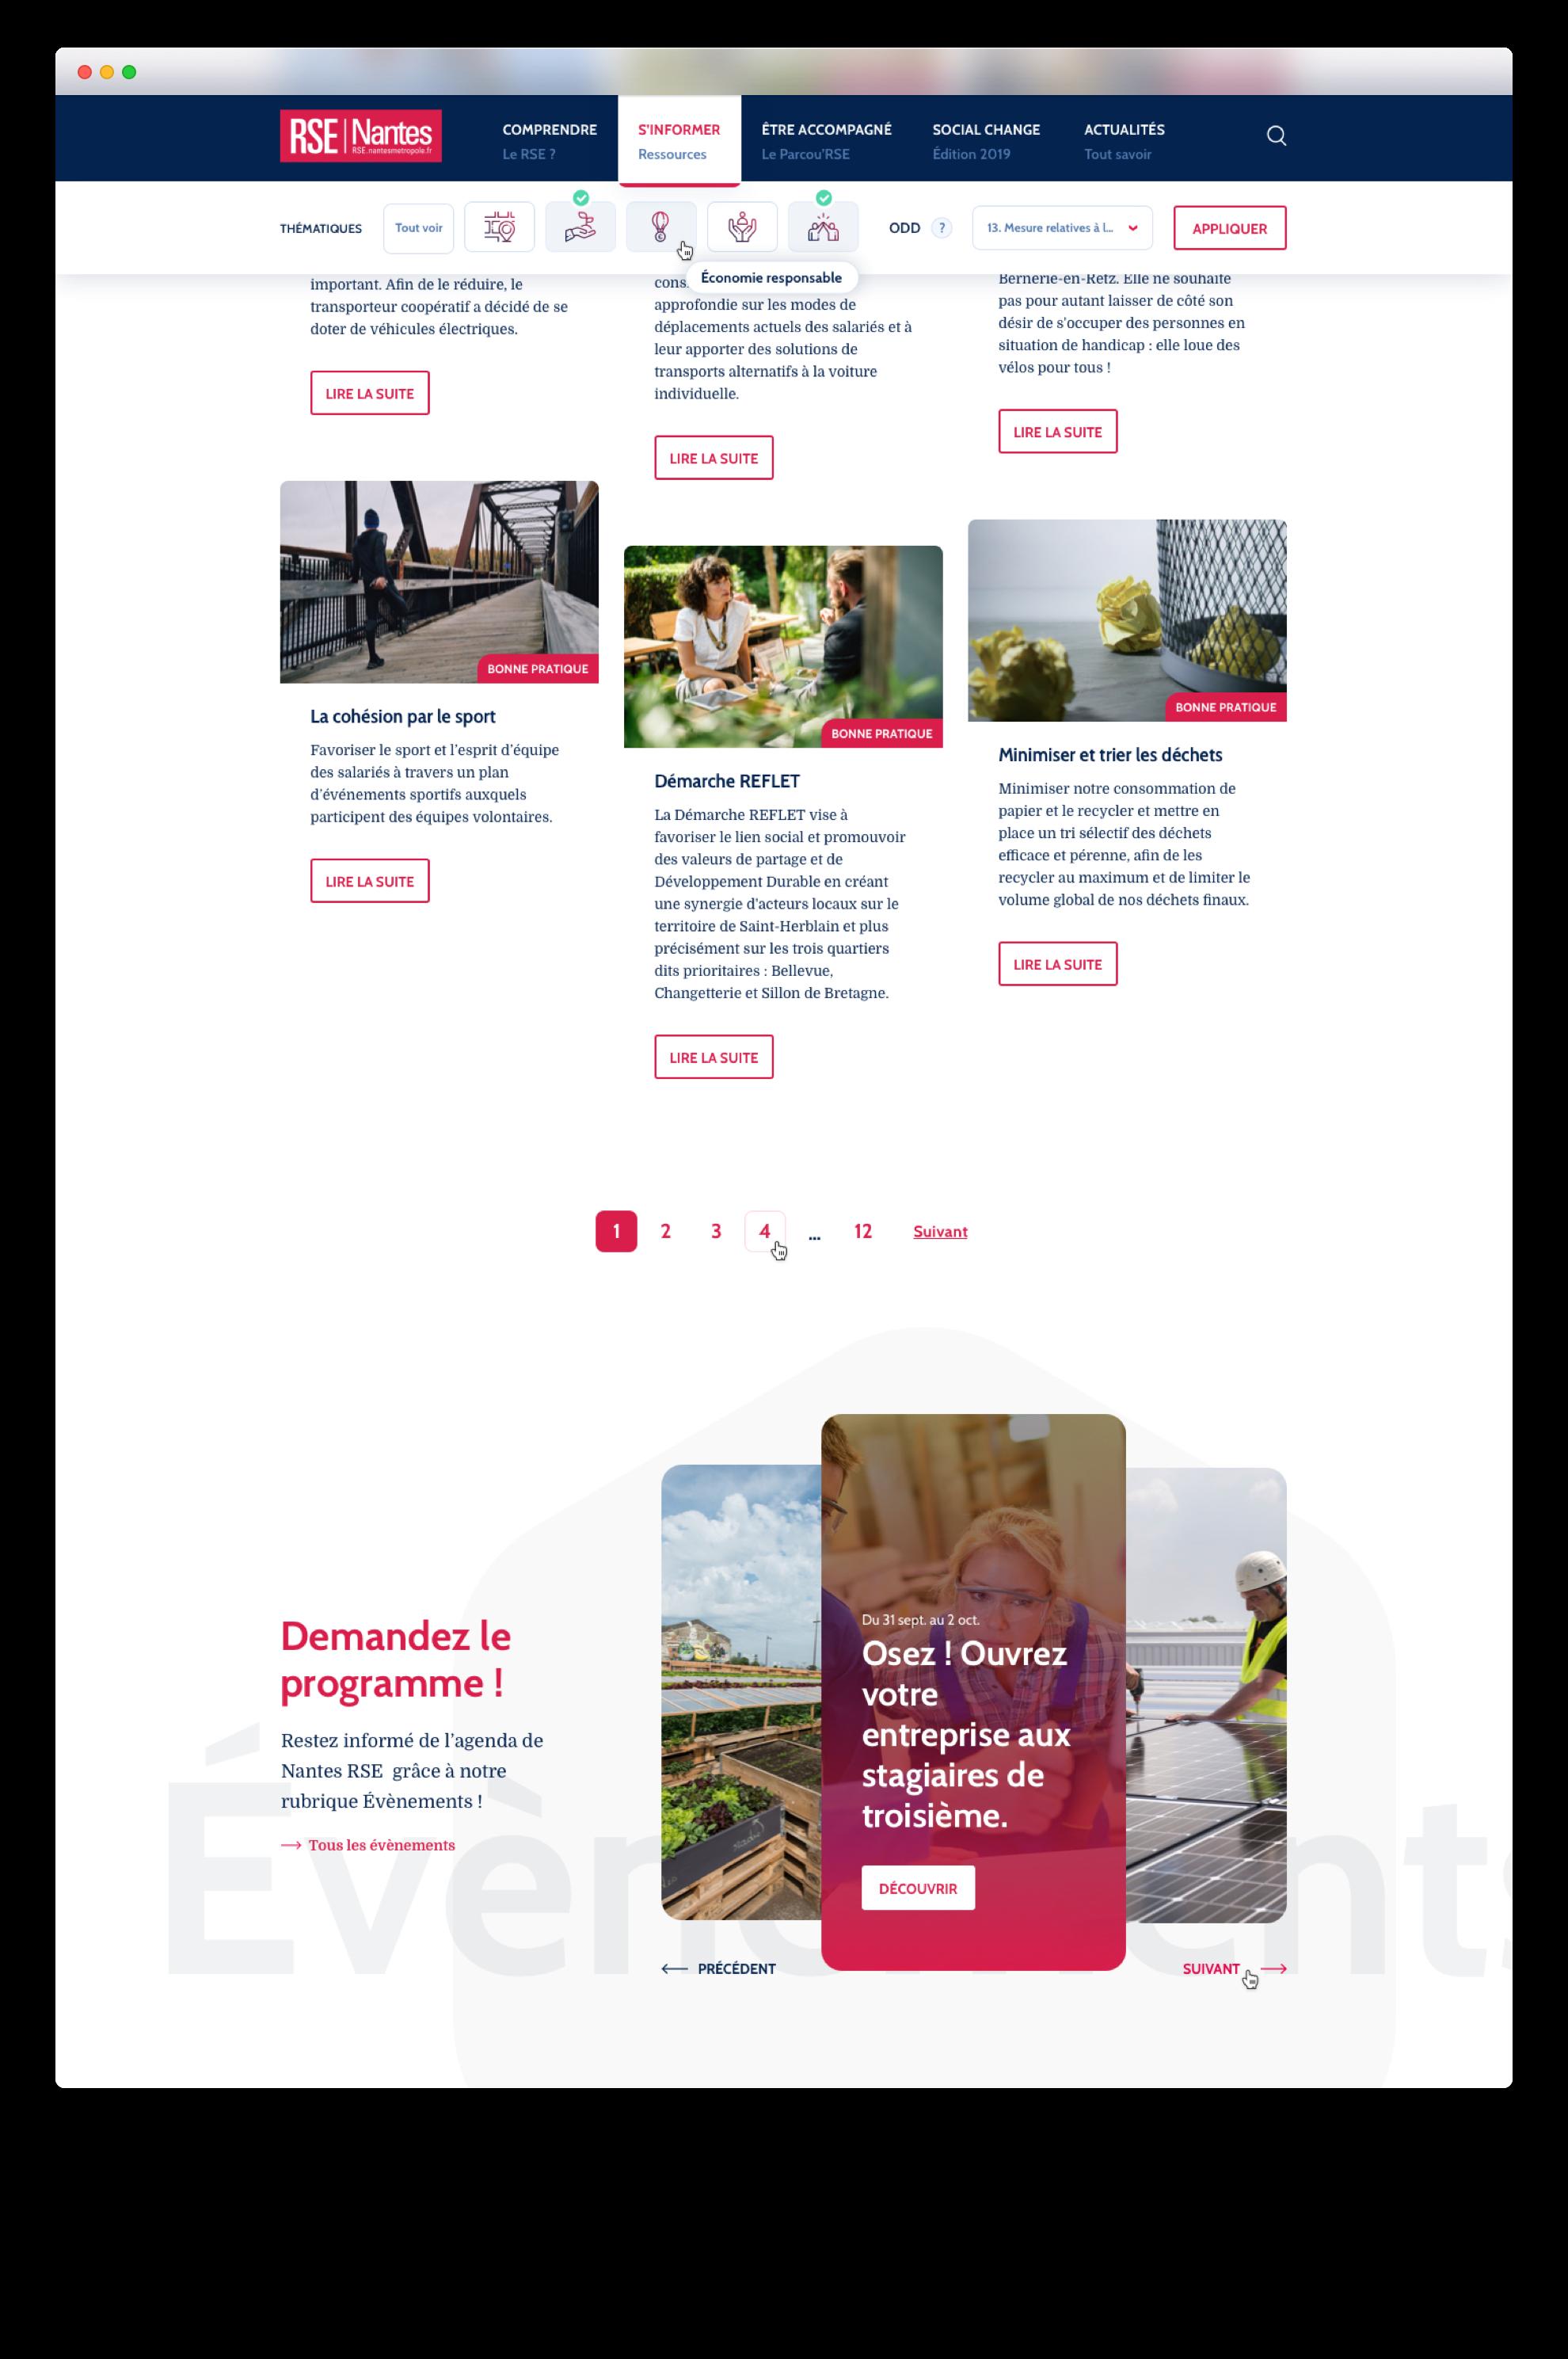 Webdesign de la page des bonnes pratiques de Nantes RSE